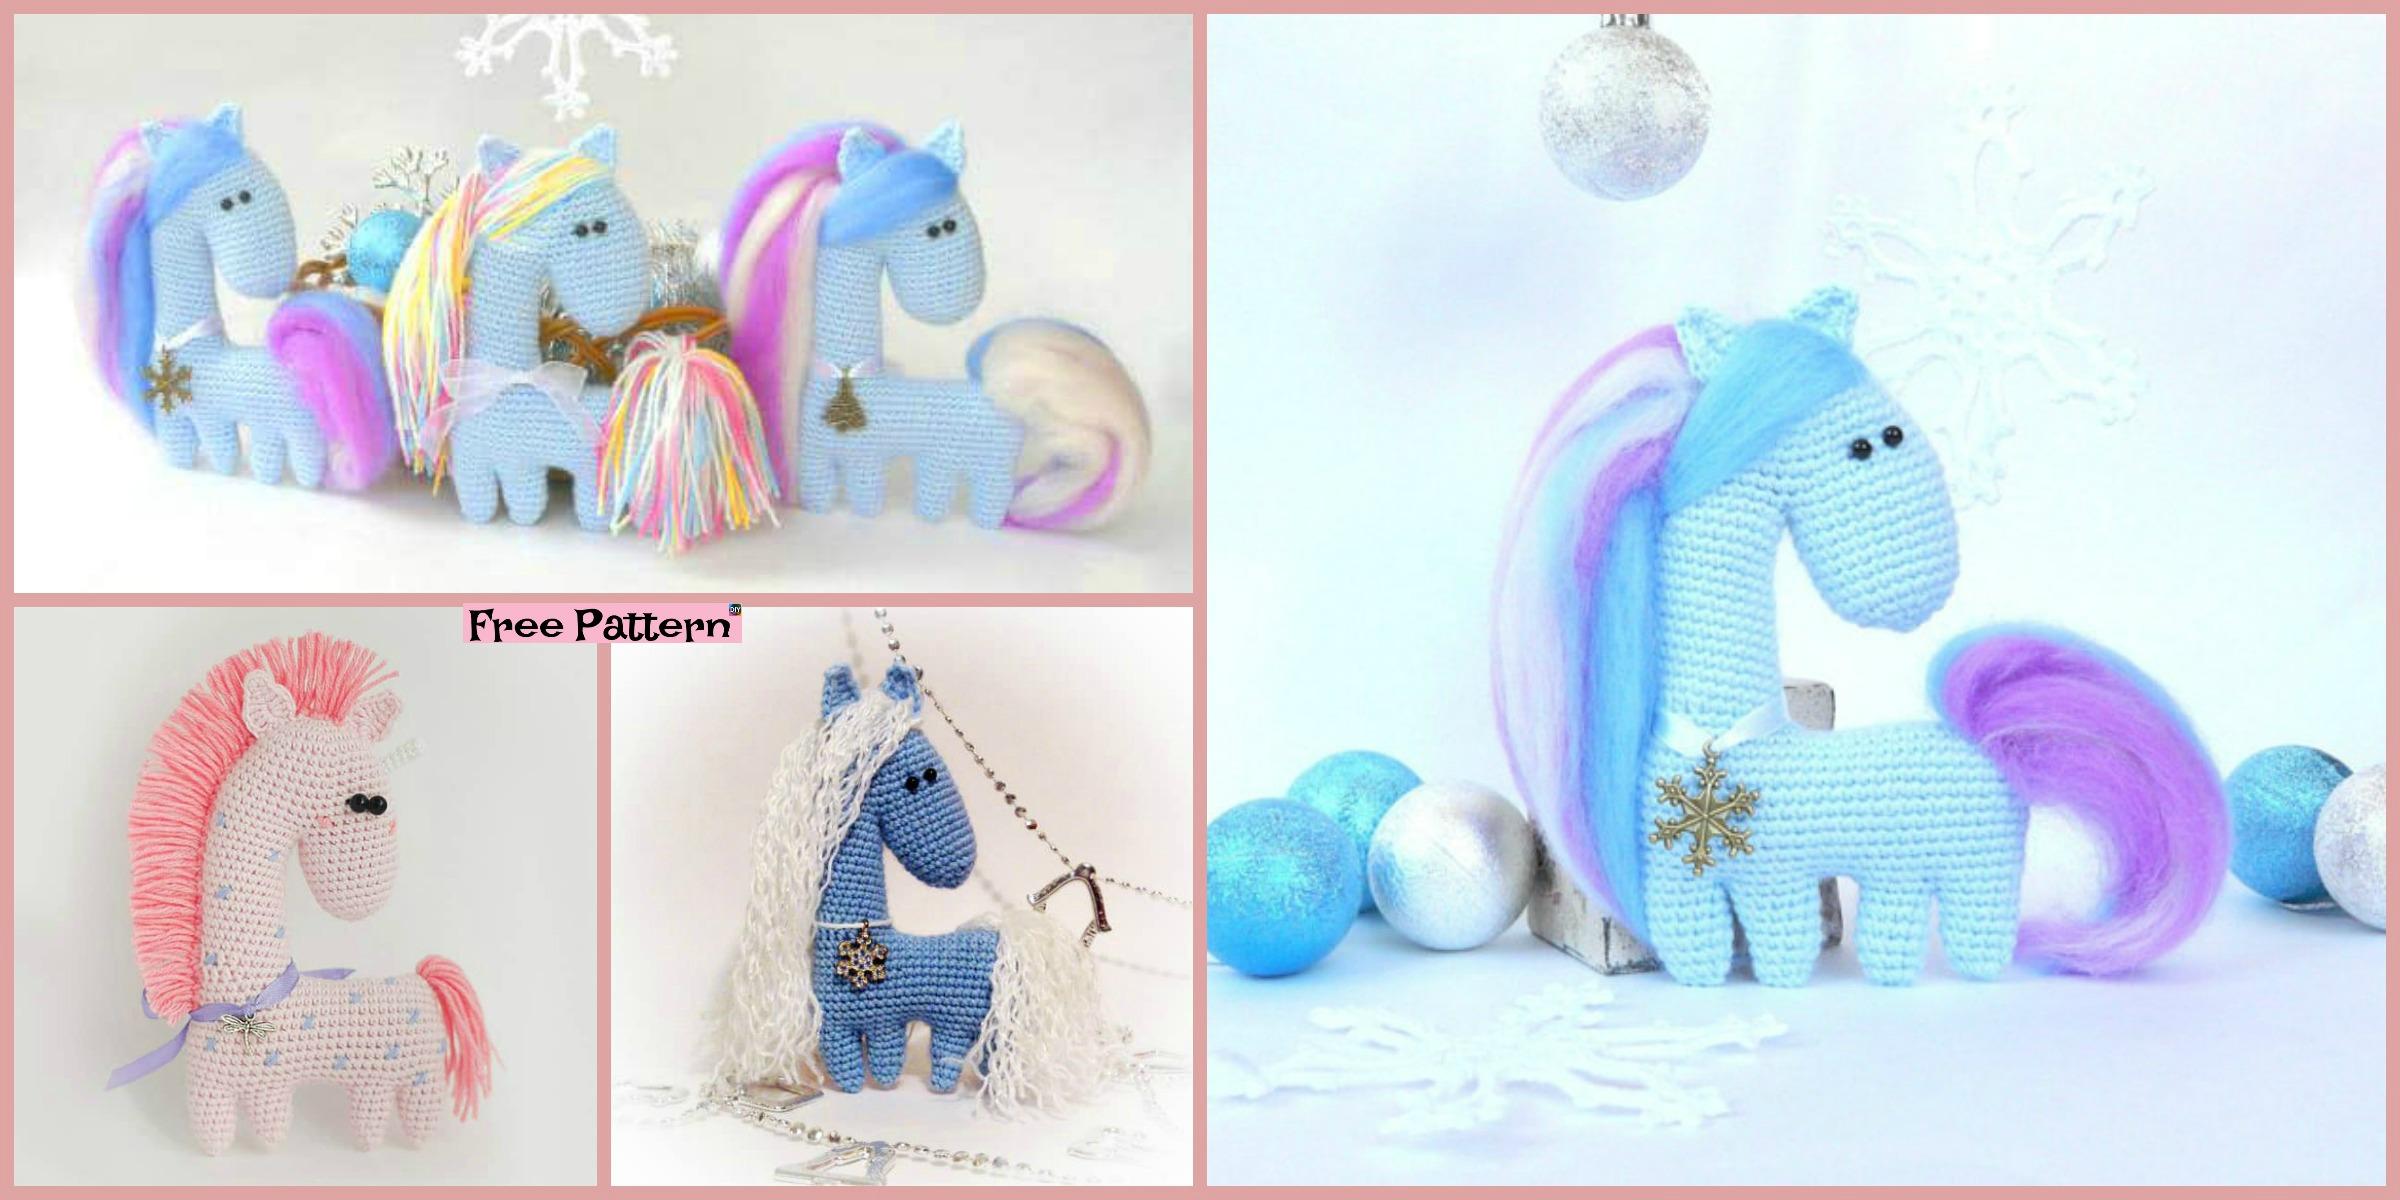 Crochet Horse Patterns | Crochet horse, Horse pattern, Crochet ... | 1200x2400